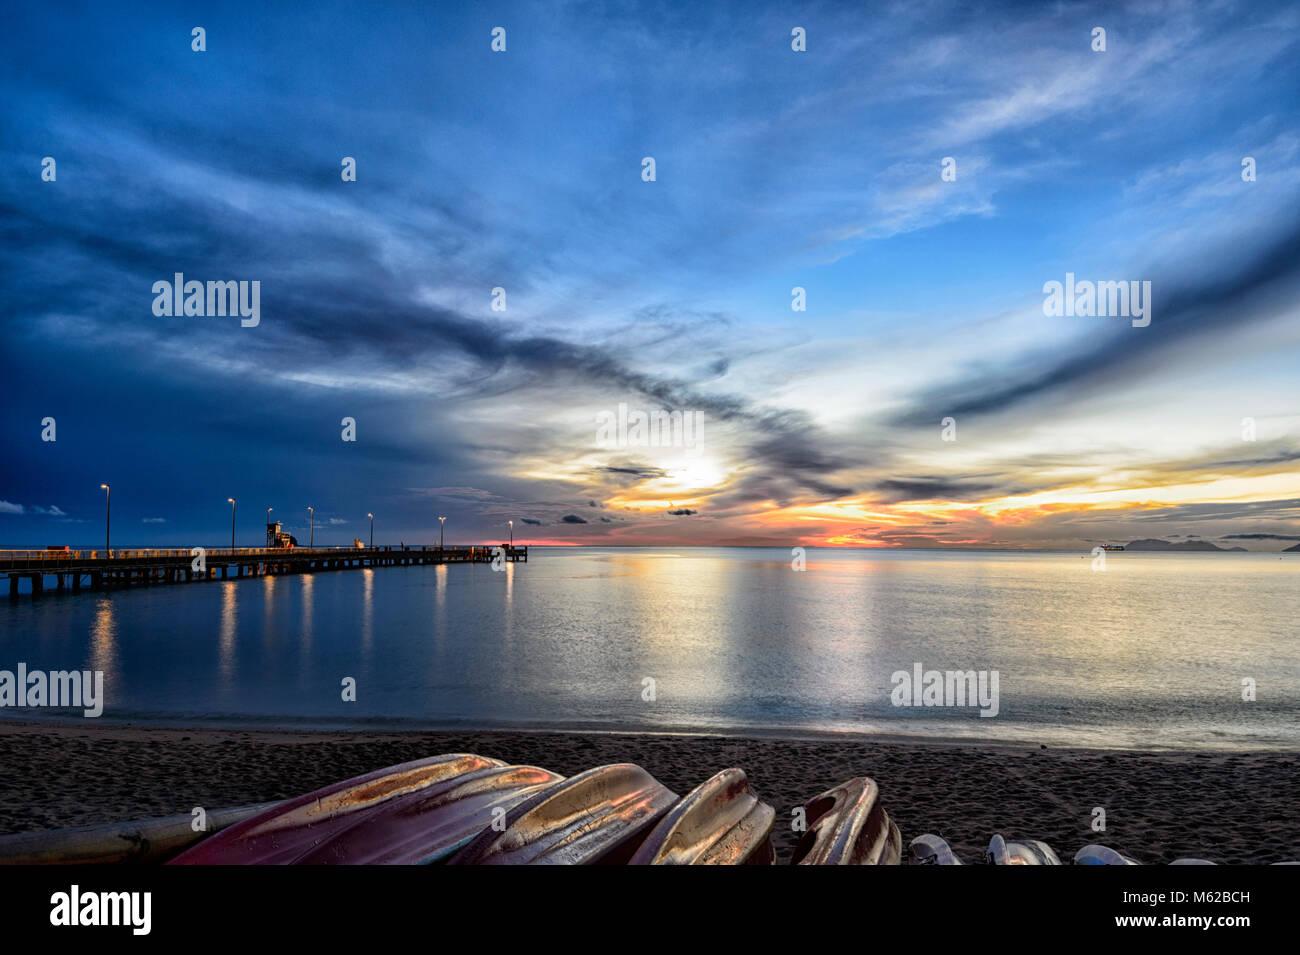 Dramatische fiery Sonnenaufgang am Palm Cove, Cairns Northern Beaches, Far North Queensland, FNQ, QLD, Australien Stockbild